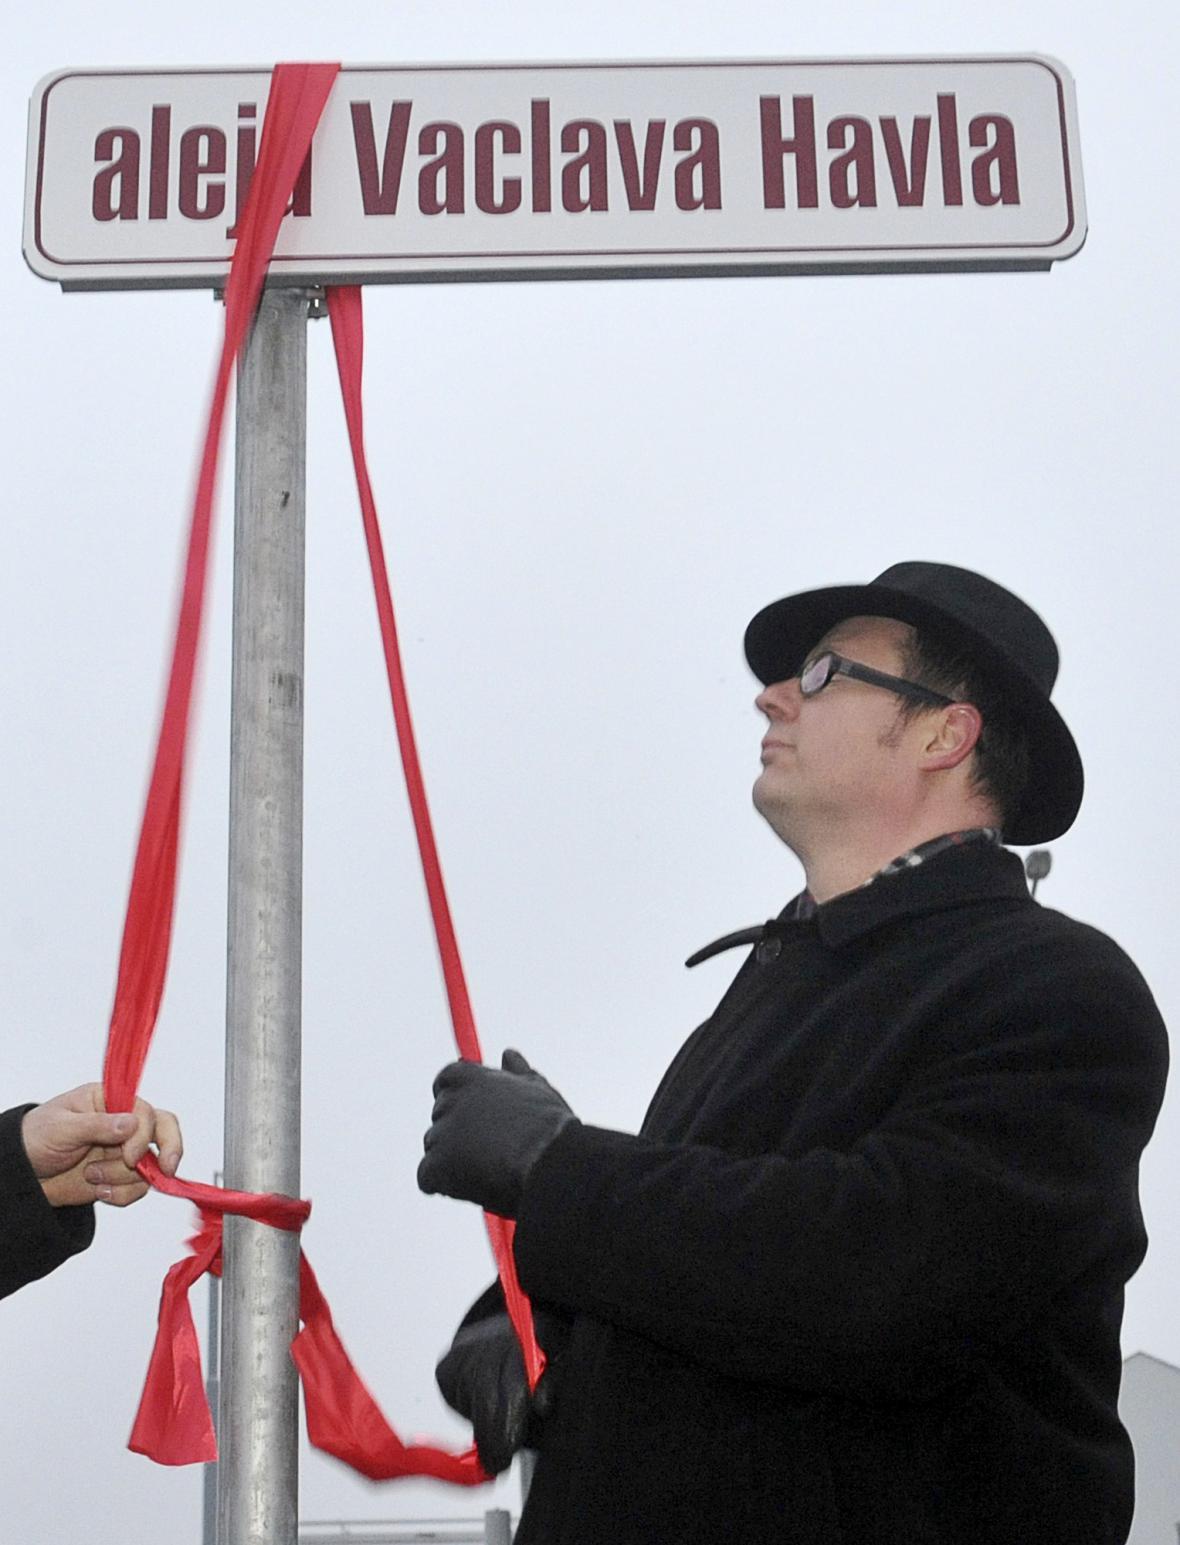 Ulice v Gdaňsku pojmenovaná po Václavu Havlovi